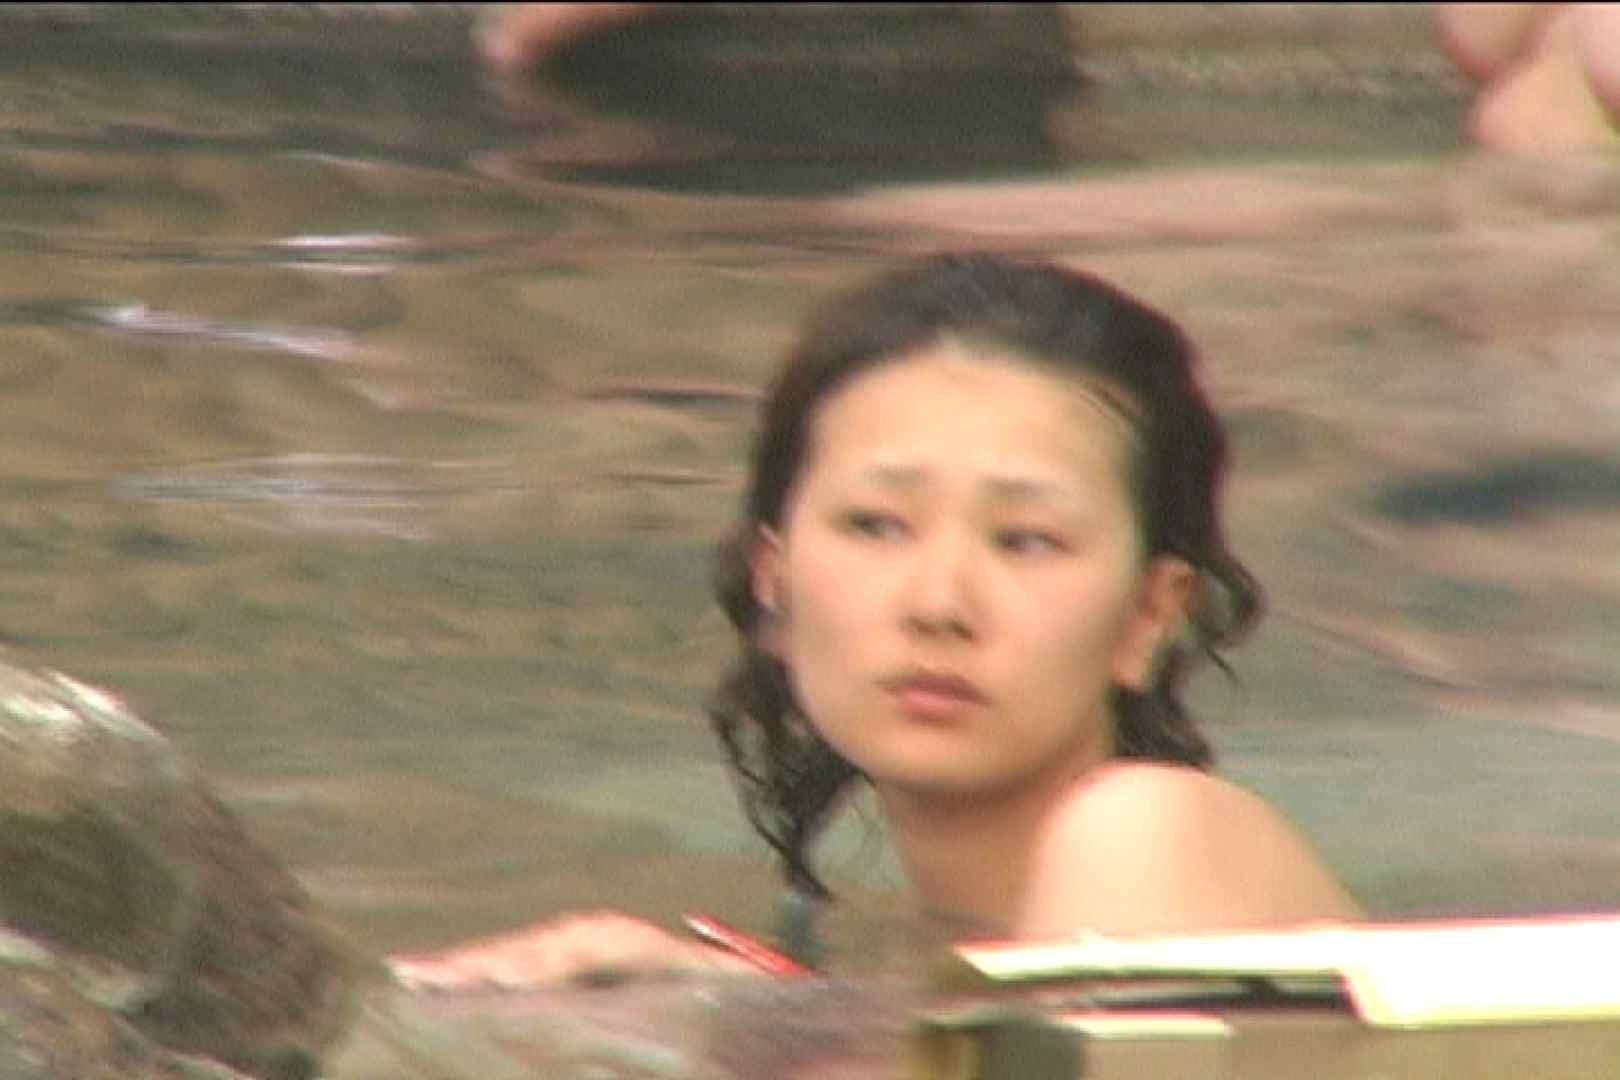 Aquaな露天風呂Vol.131 OLハメ撮り  108Pix 2